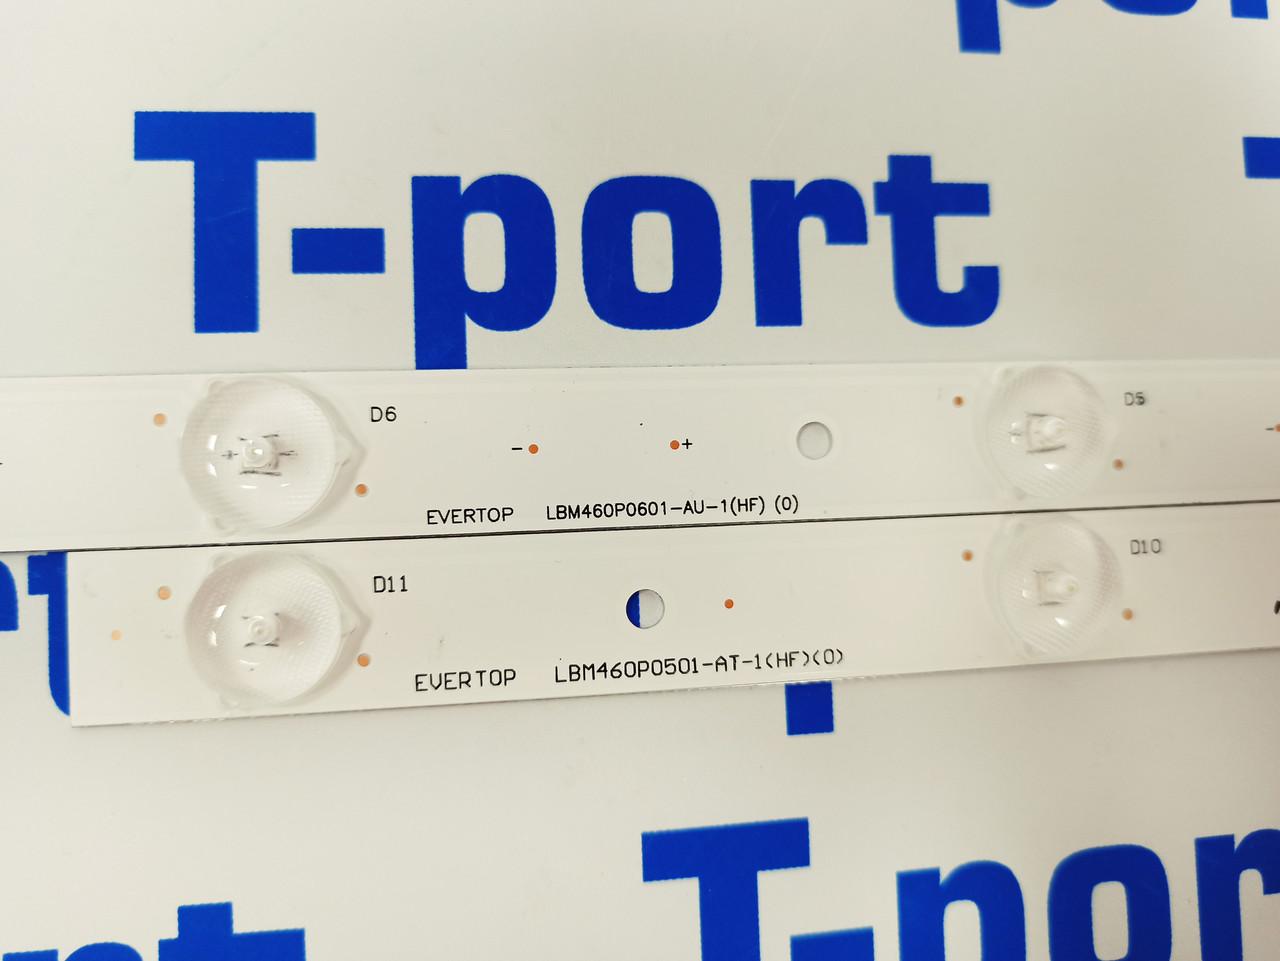 Лід підсвічування для телевізора комплект EVERTOP LBM460P0601-AU-1 (HF) LBM460P0501-AT-1 (HF) Philips 46